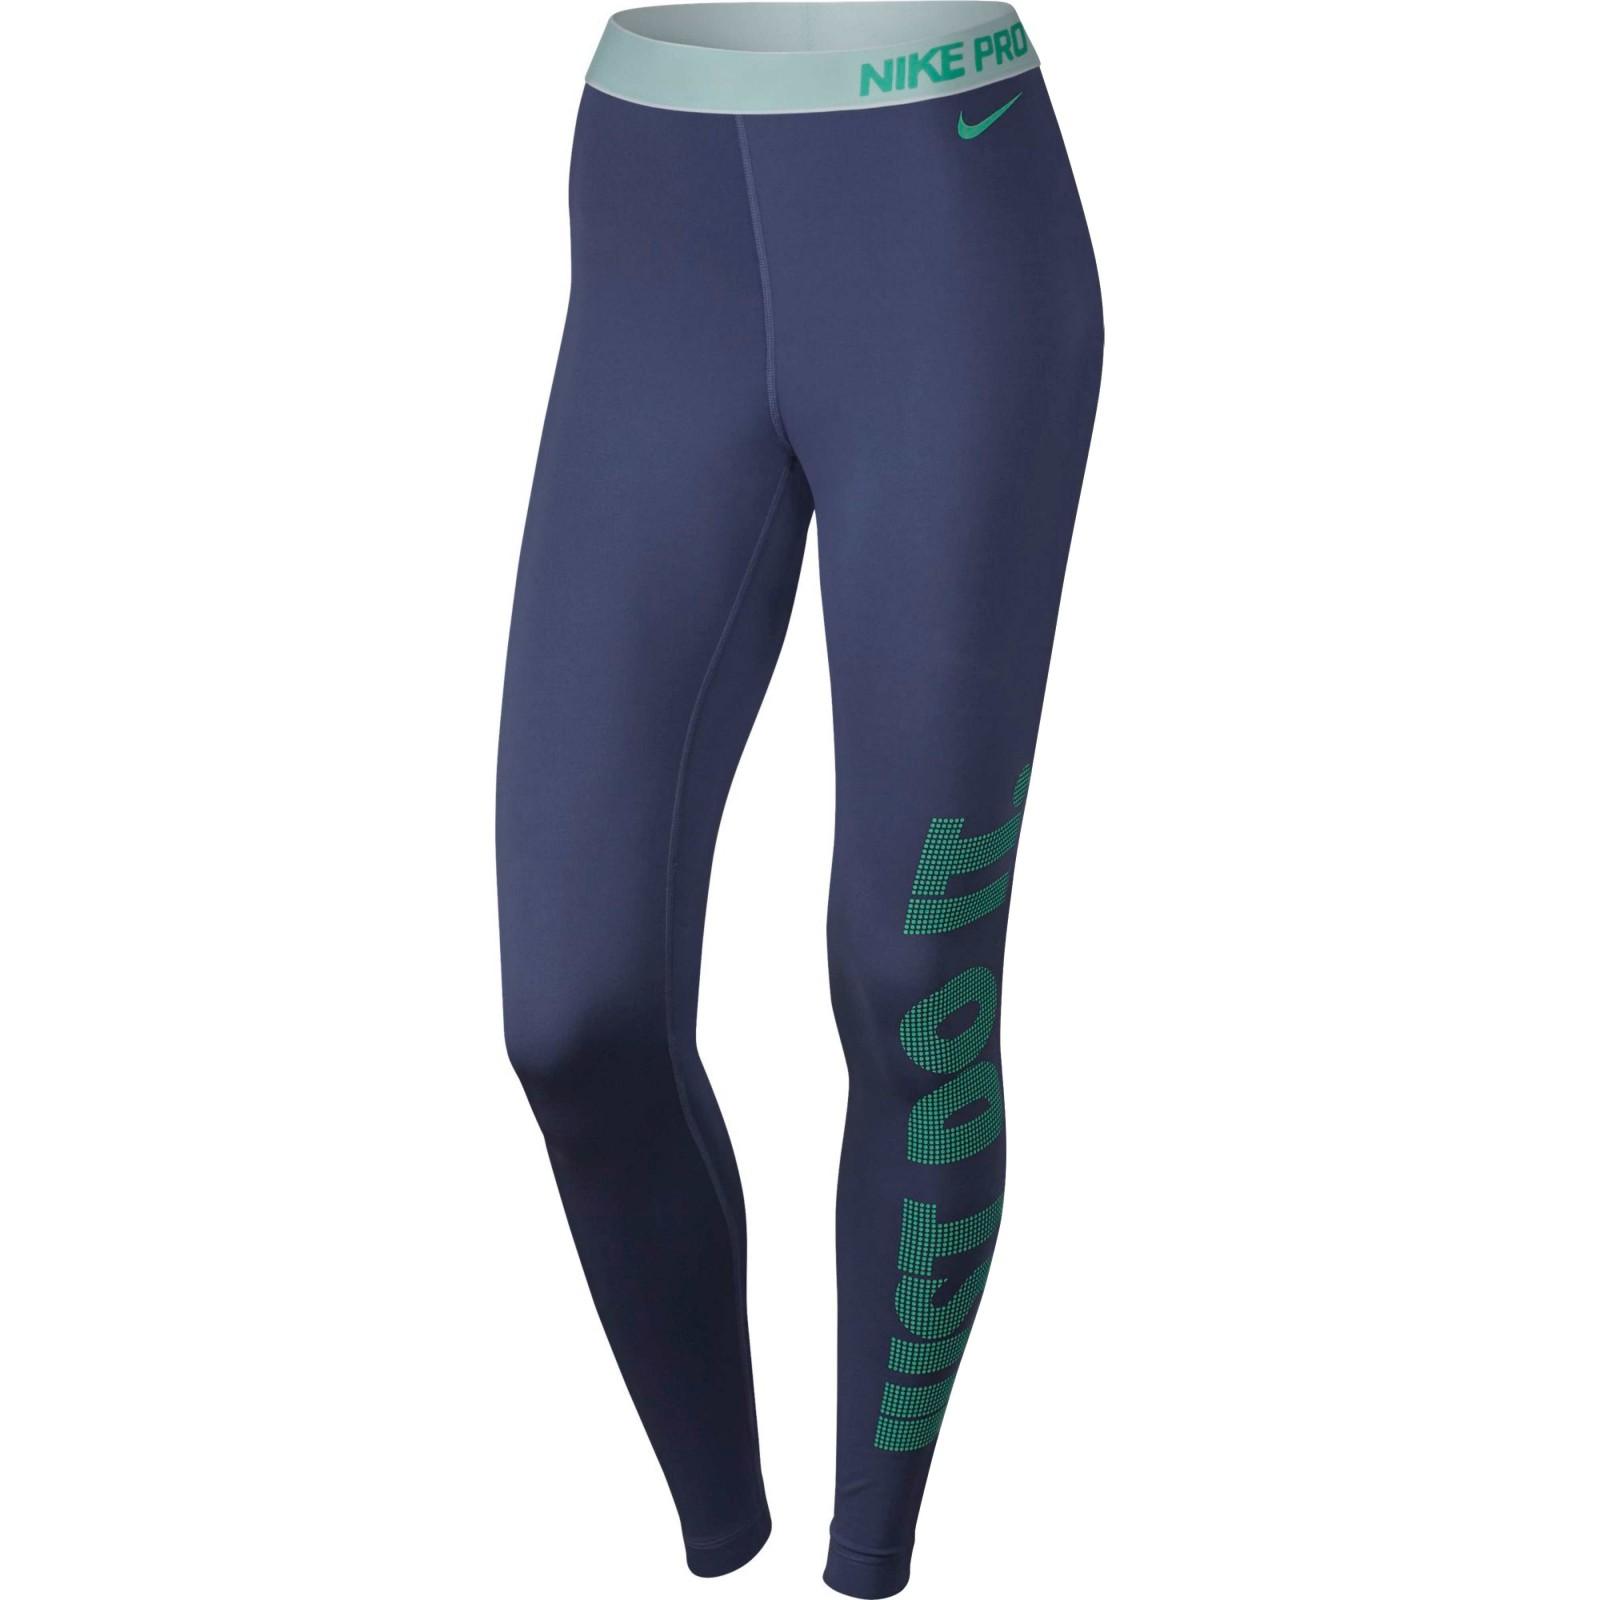 17b4453c7c0 Dámské legíny Nike W NP WM TGHT LOGO DK PURPLE DUST WHITE GREEN GLO ...